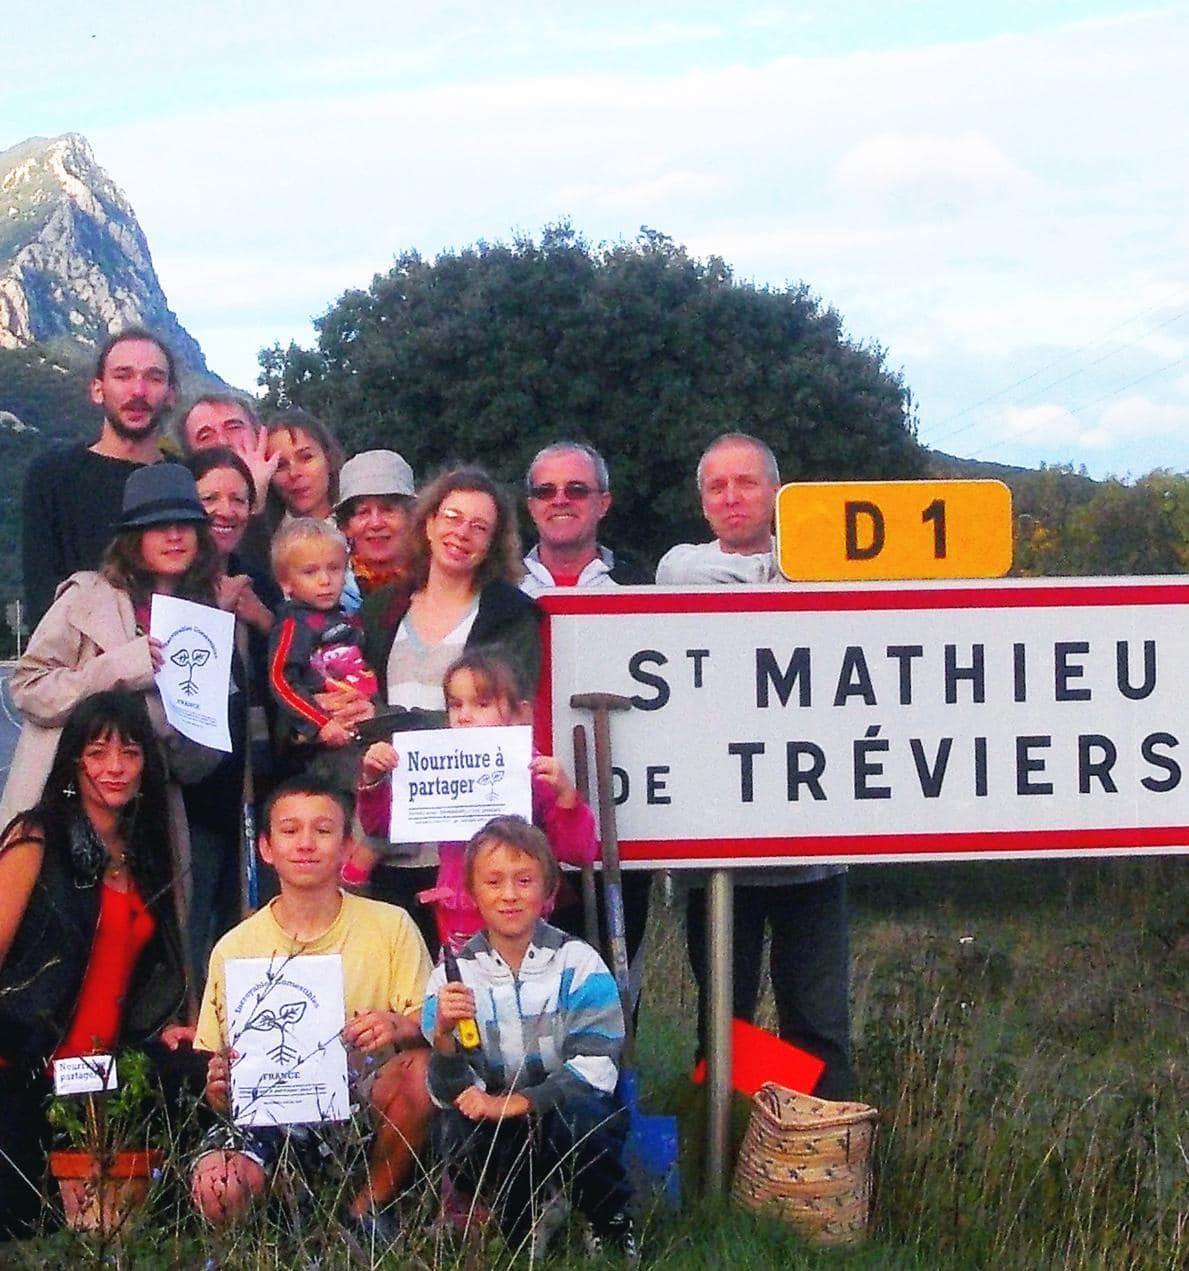 SAINT-MATHIEU-DE-TREVIERS